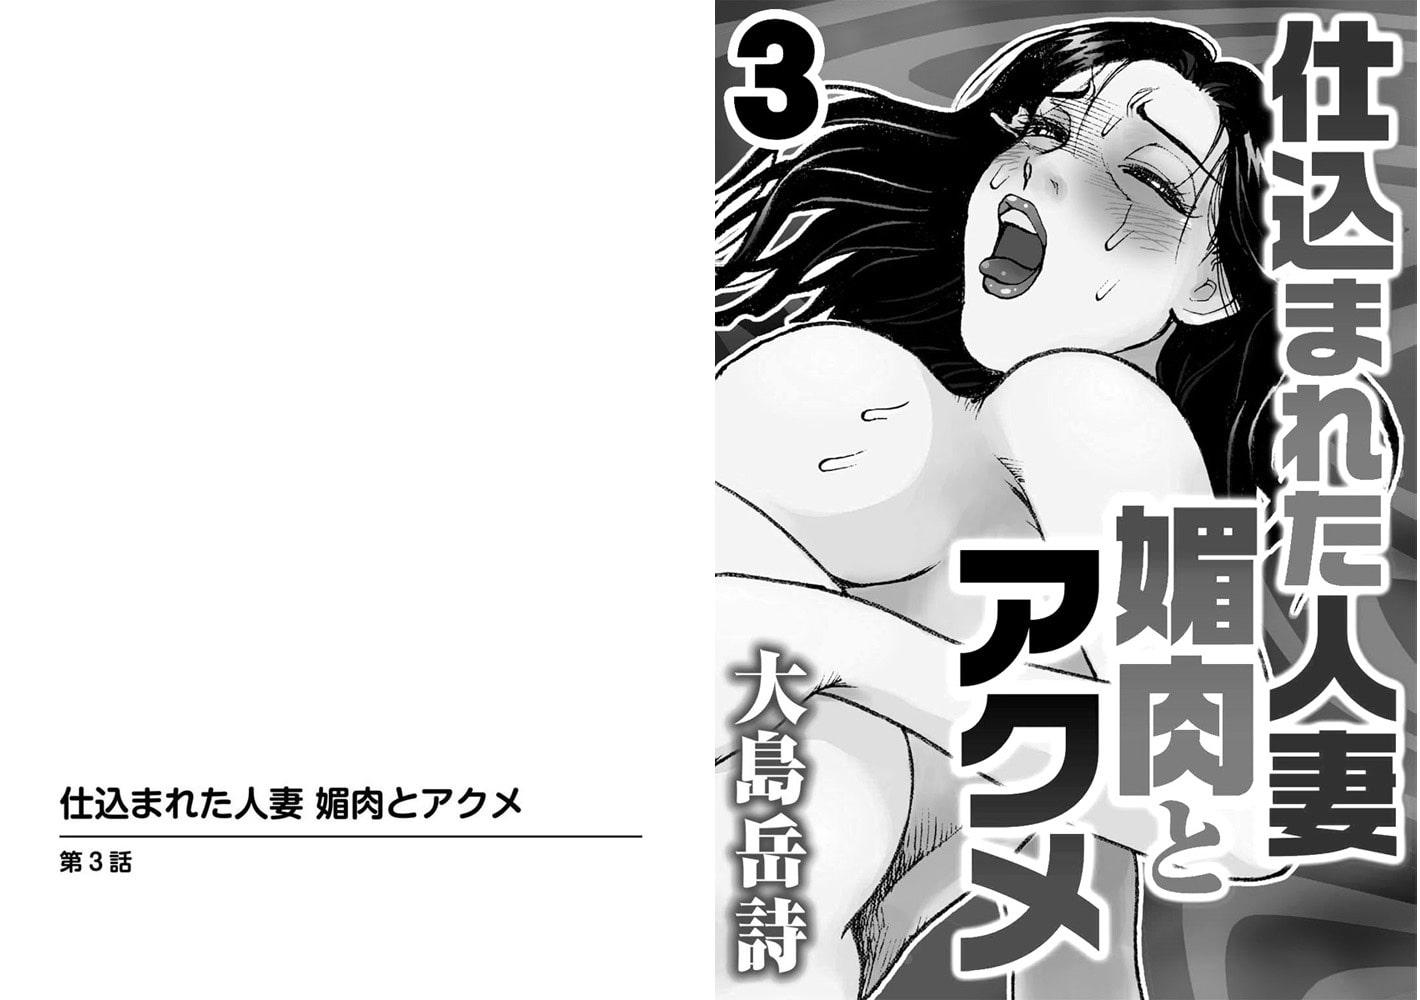 仕込まれた人妻 媚肉とアクメ【分冊版】 3巻